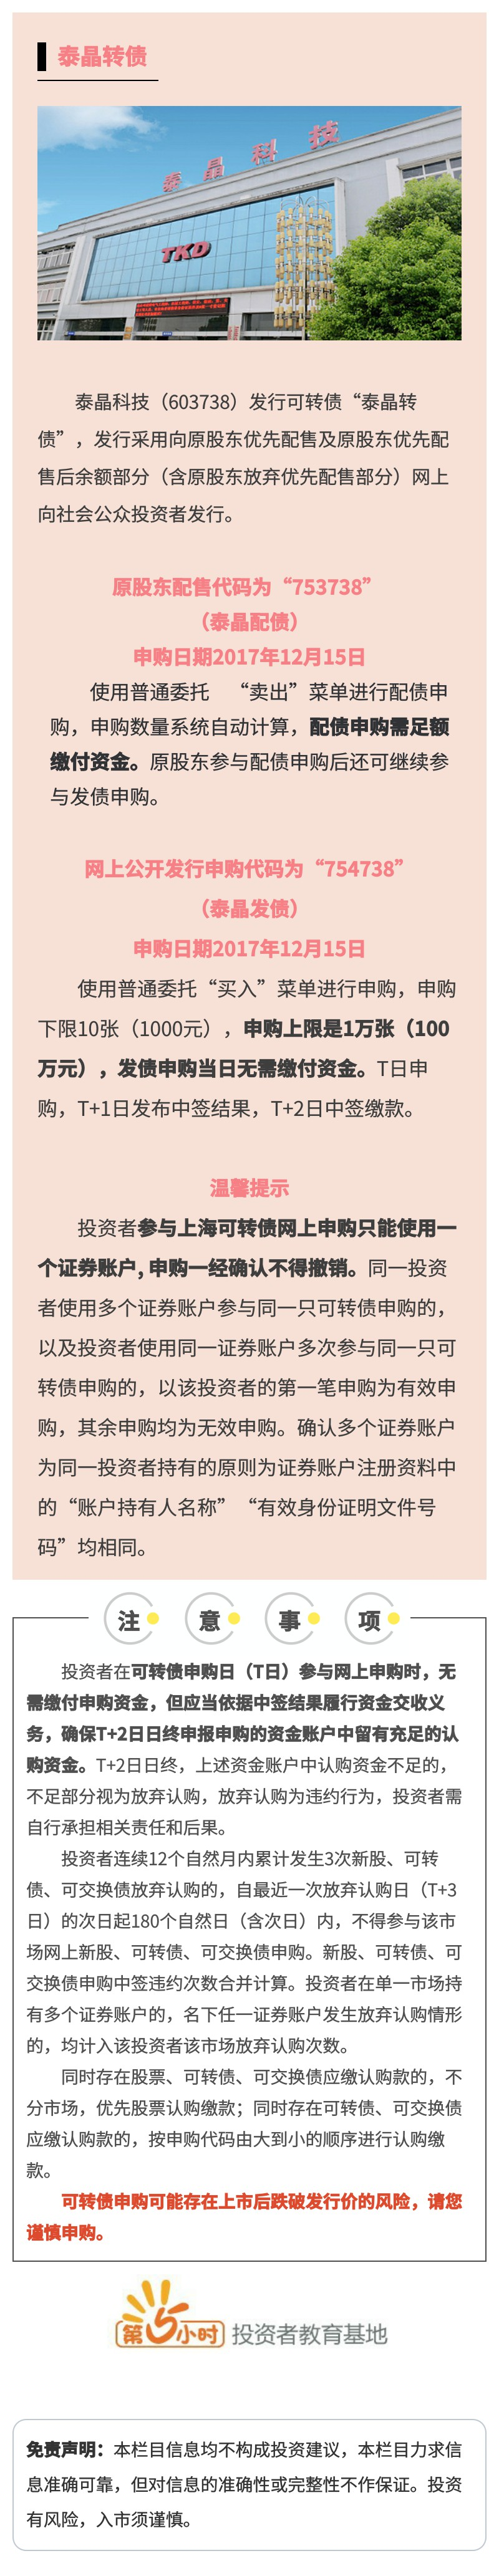 【打新债】泰晶科技公开发行可转换公司债.jpg